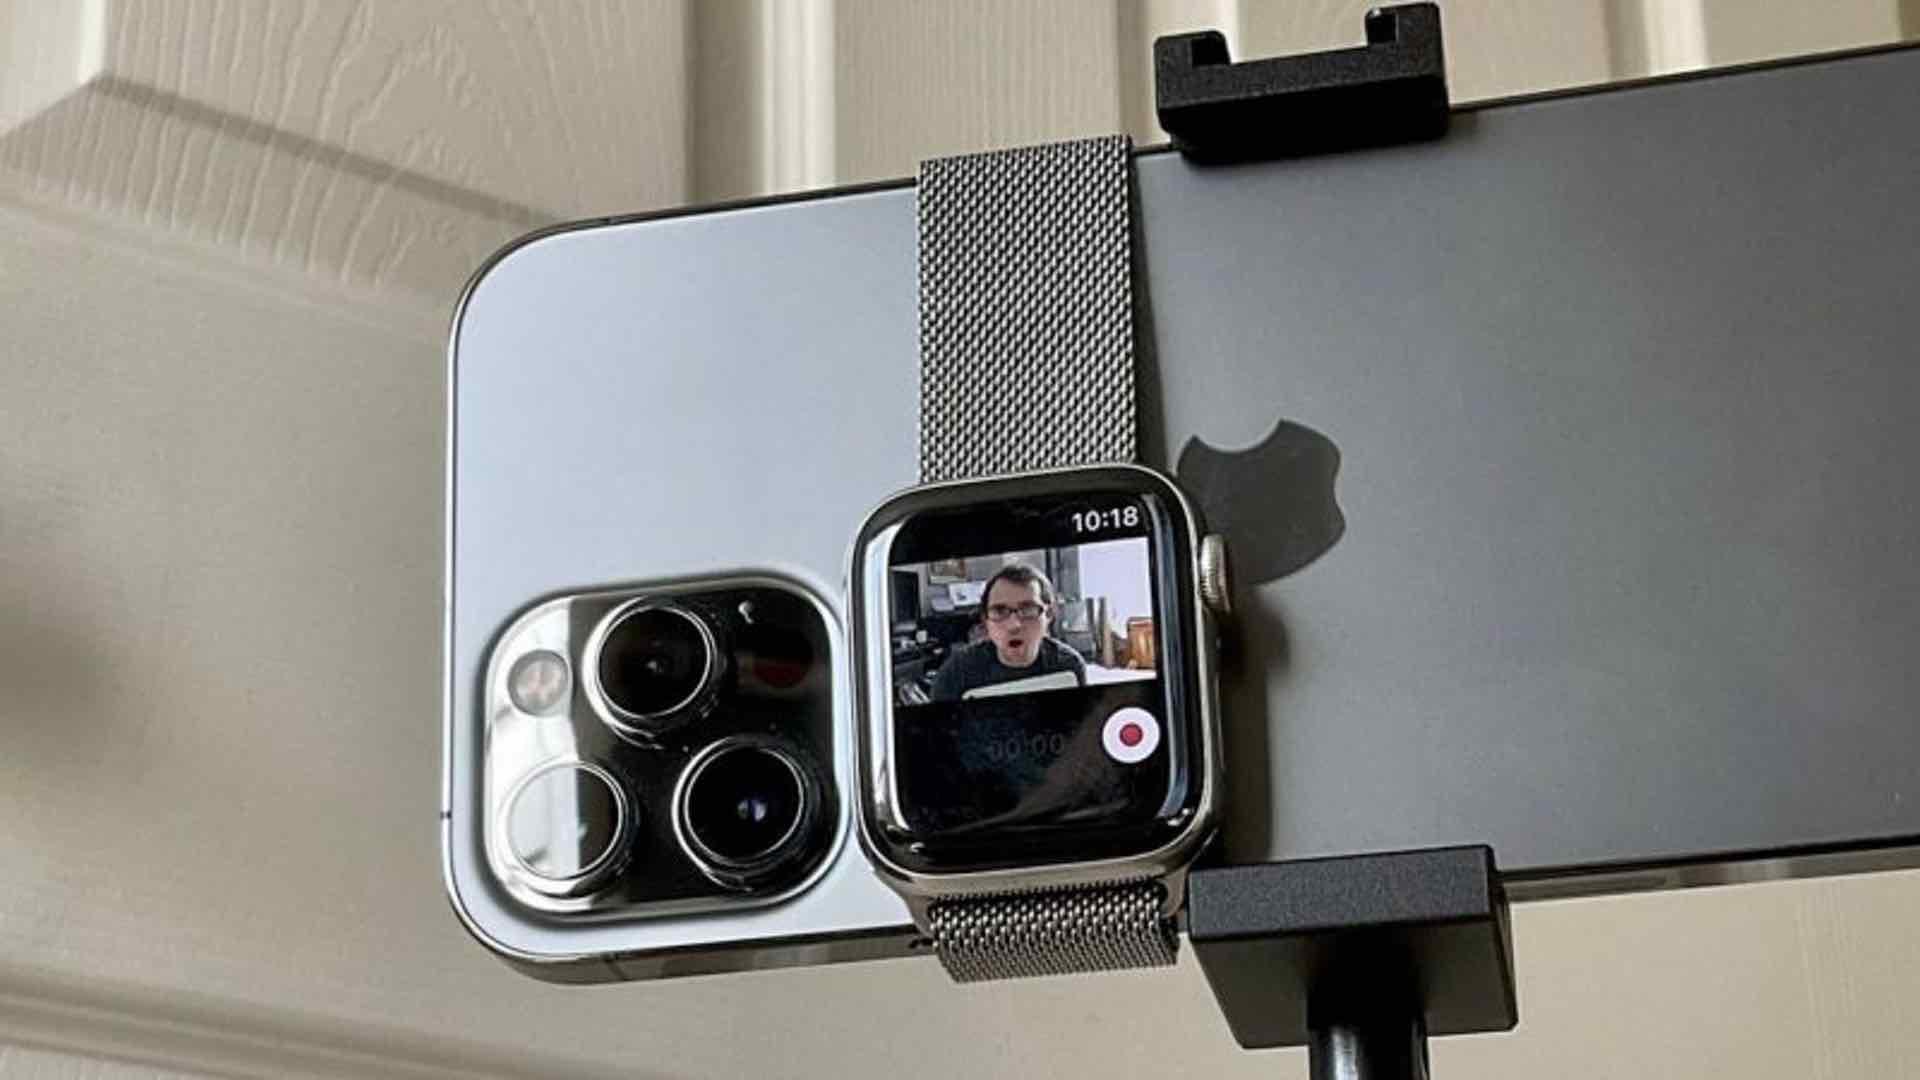 Víte jak používat hodinky Apple Watch, jako hledáček a dálkové ovládání fotoaparátu pro iPhone?